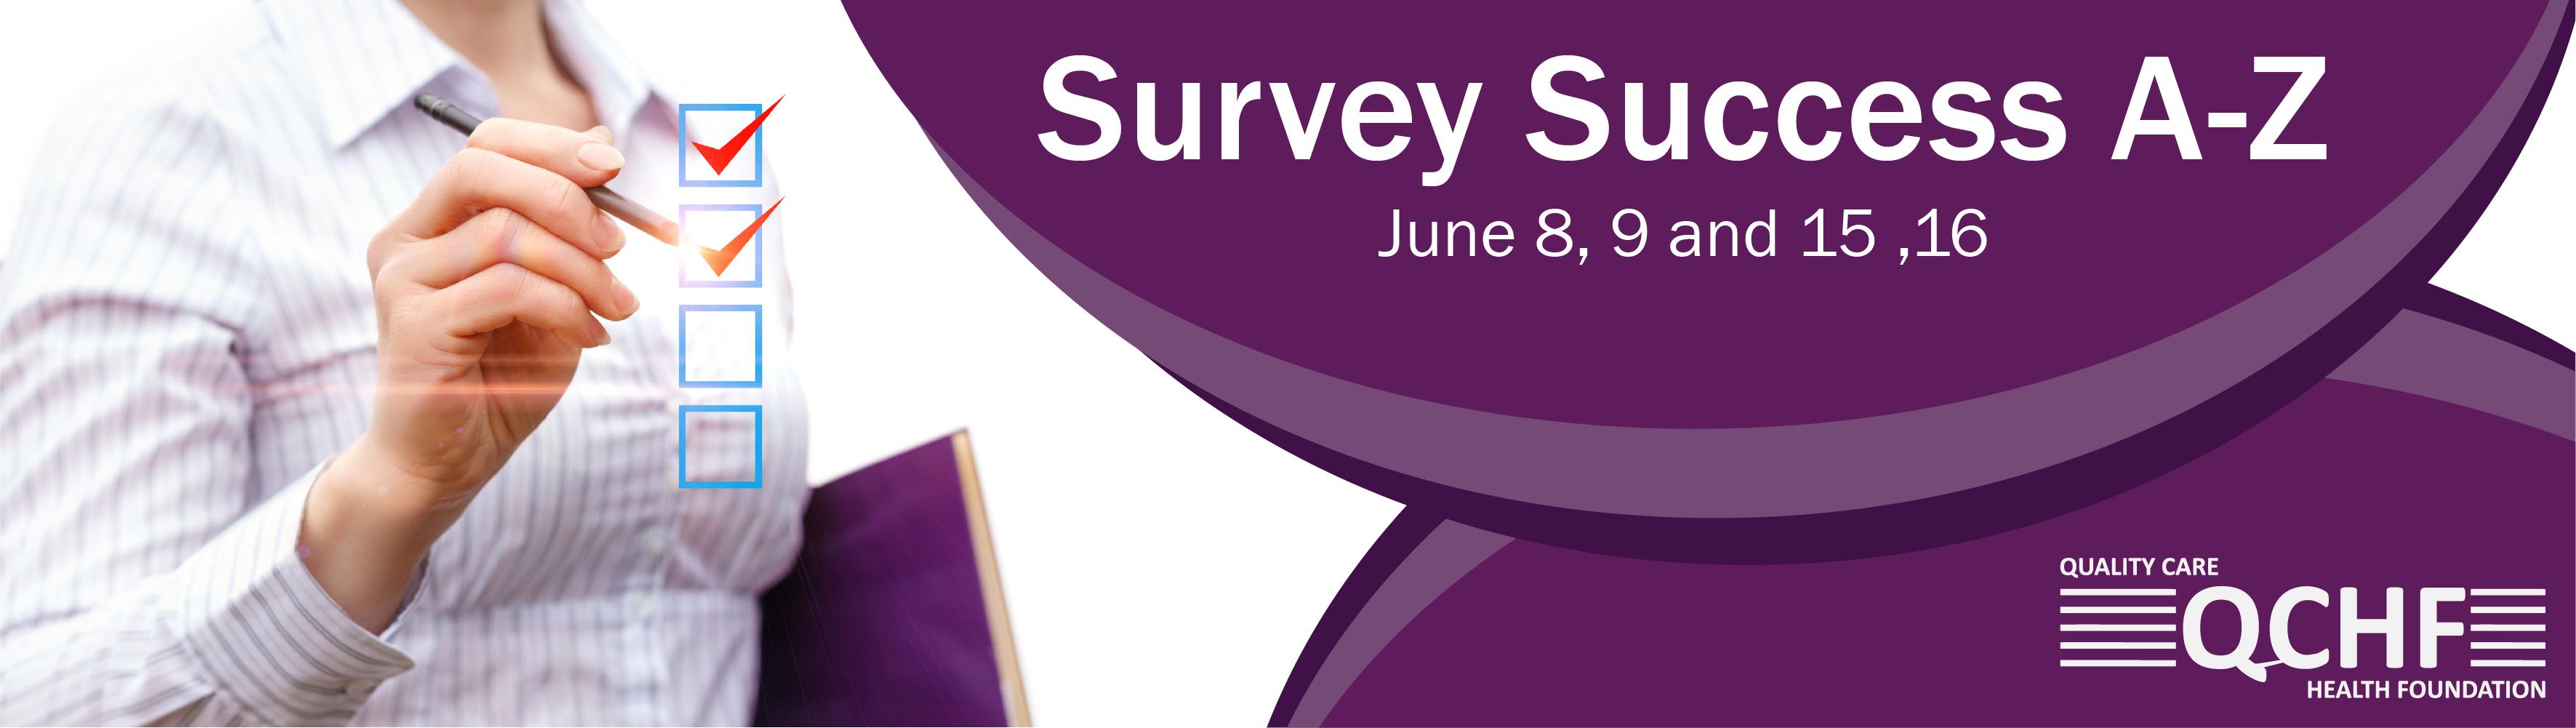 Survey Success A-Z